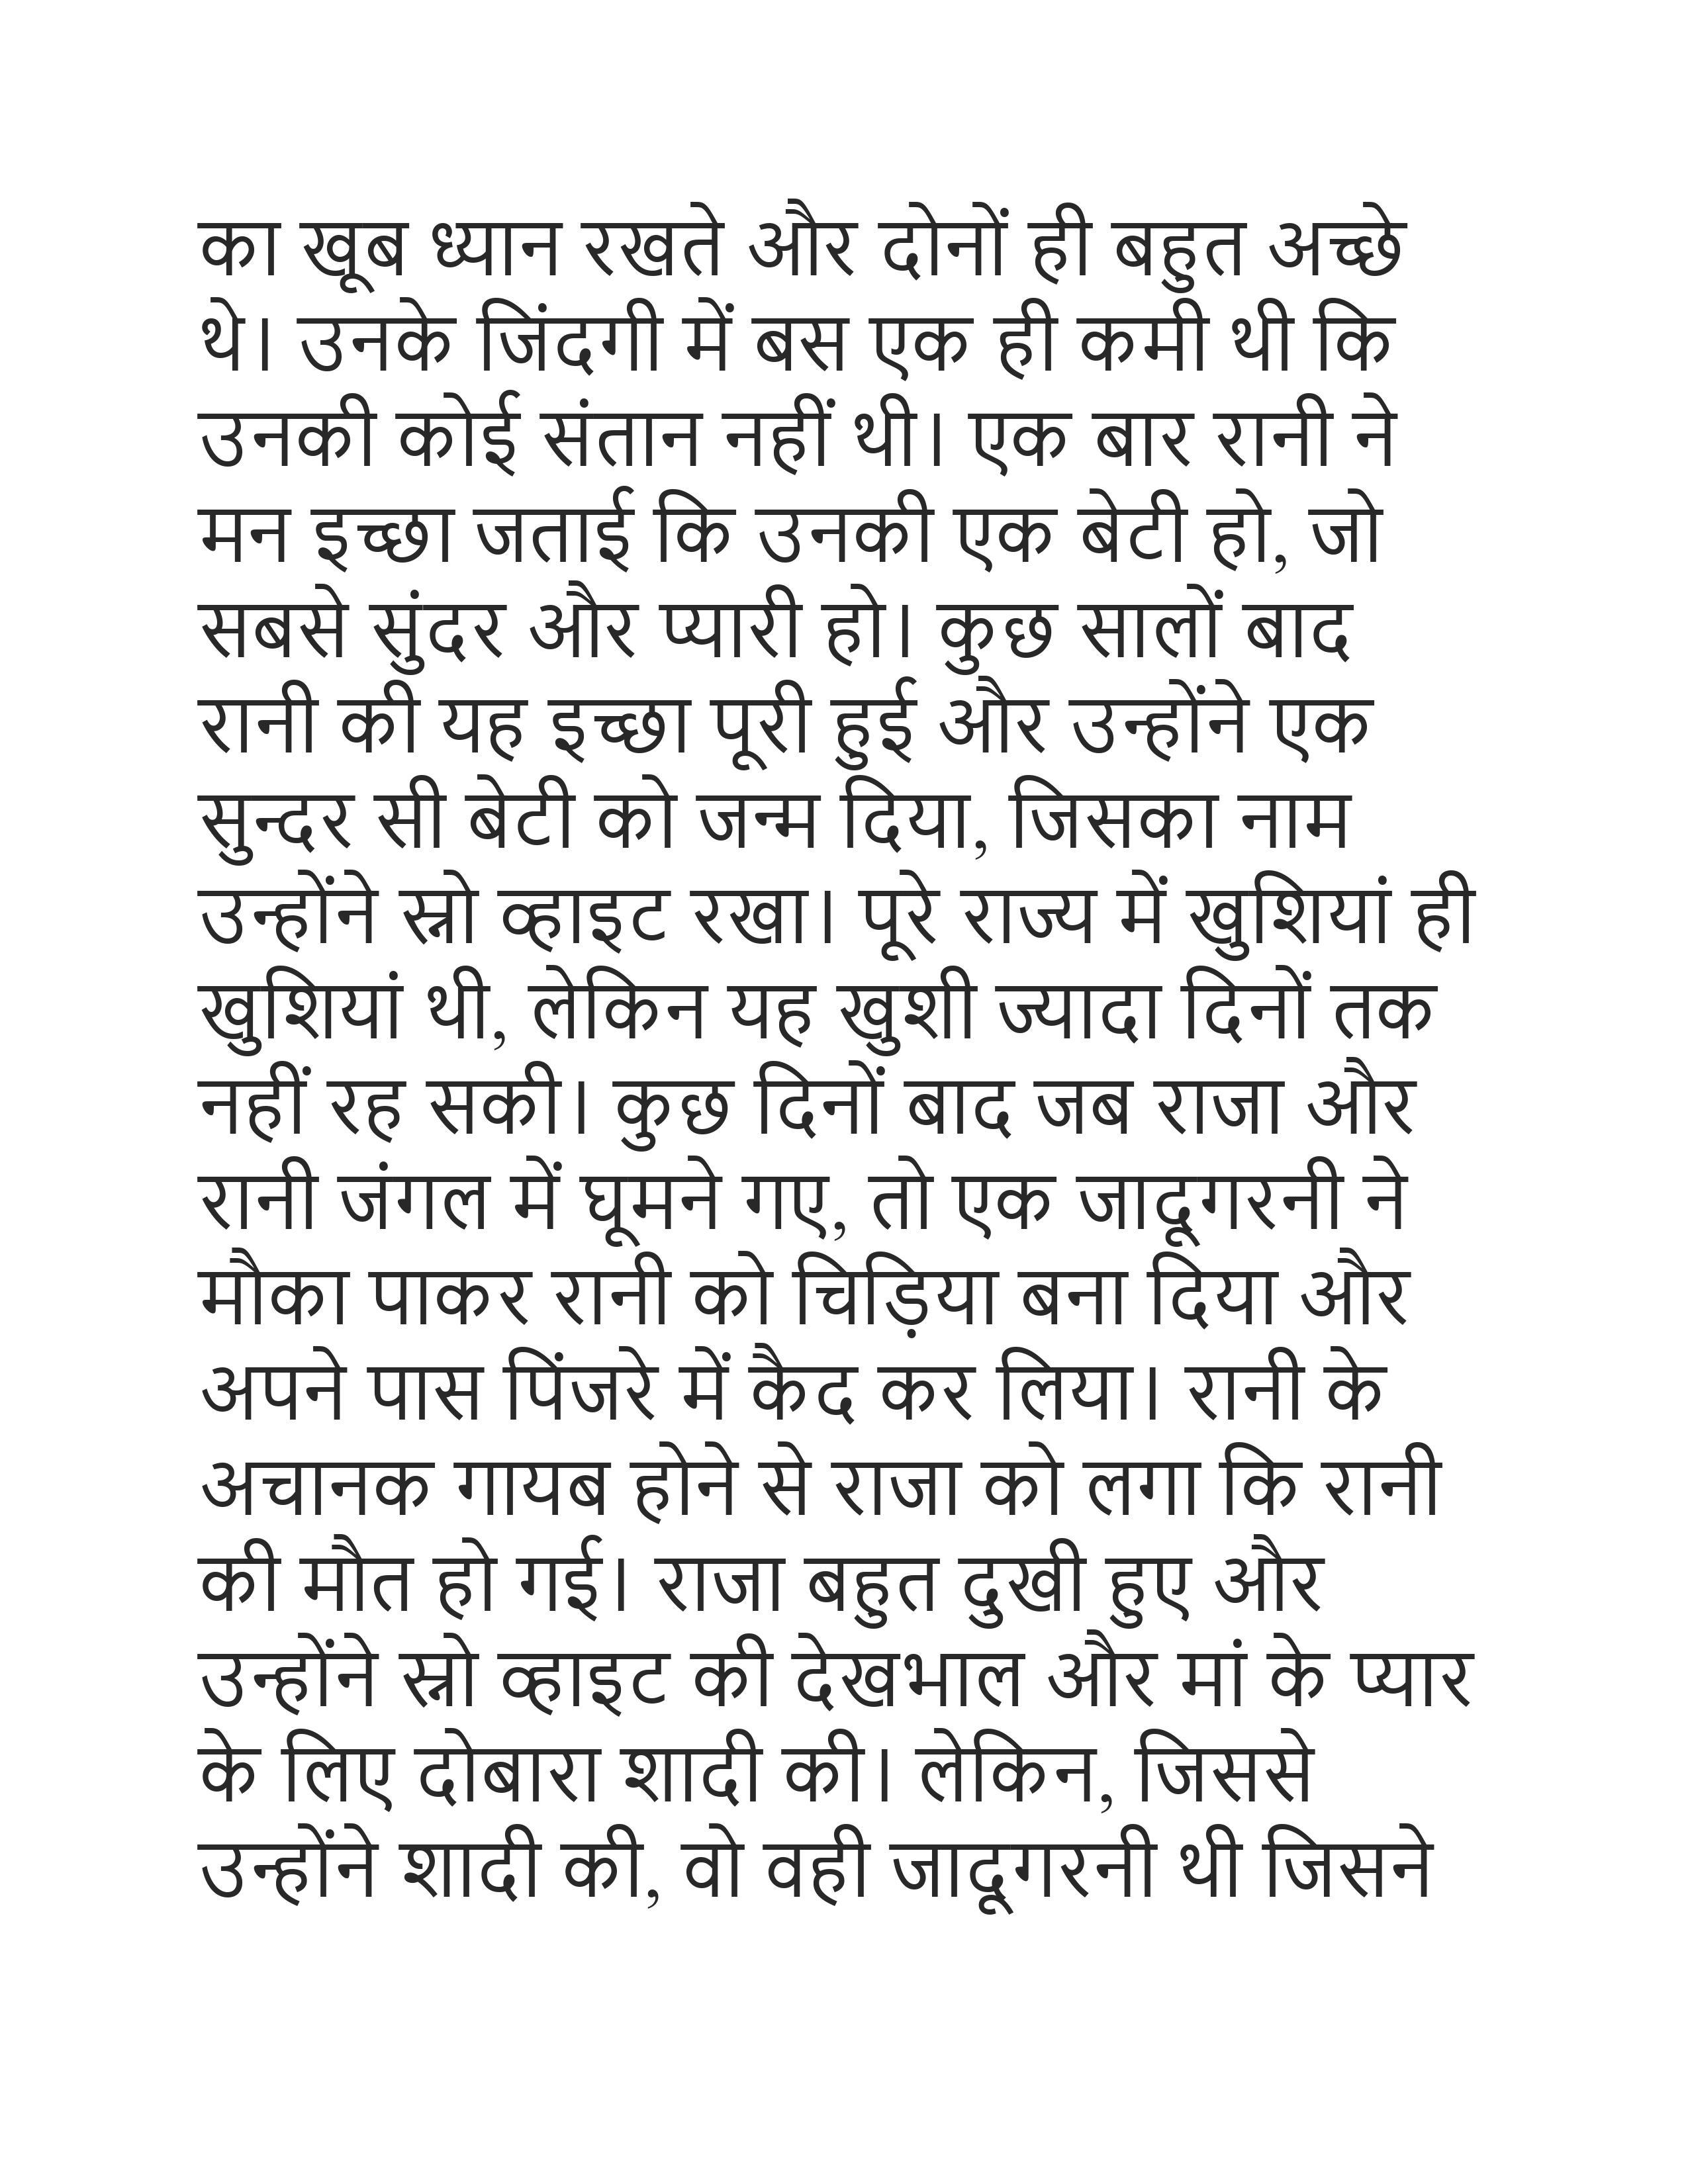 Fairy tales hindi pariyon ki kahaniya 16